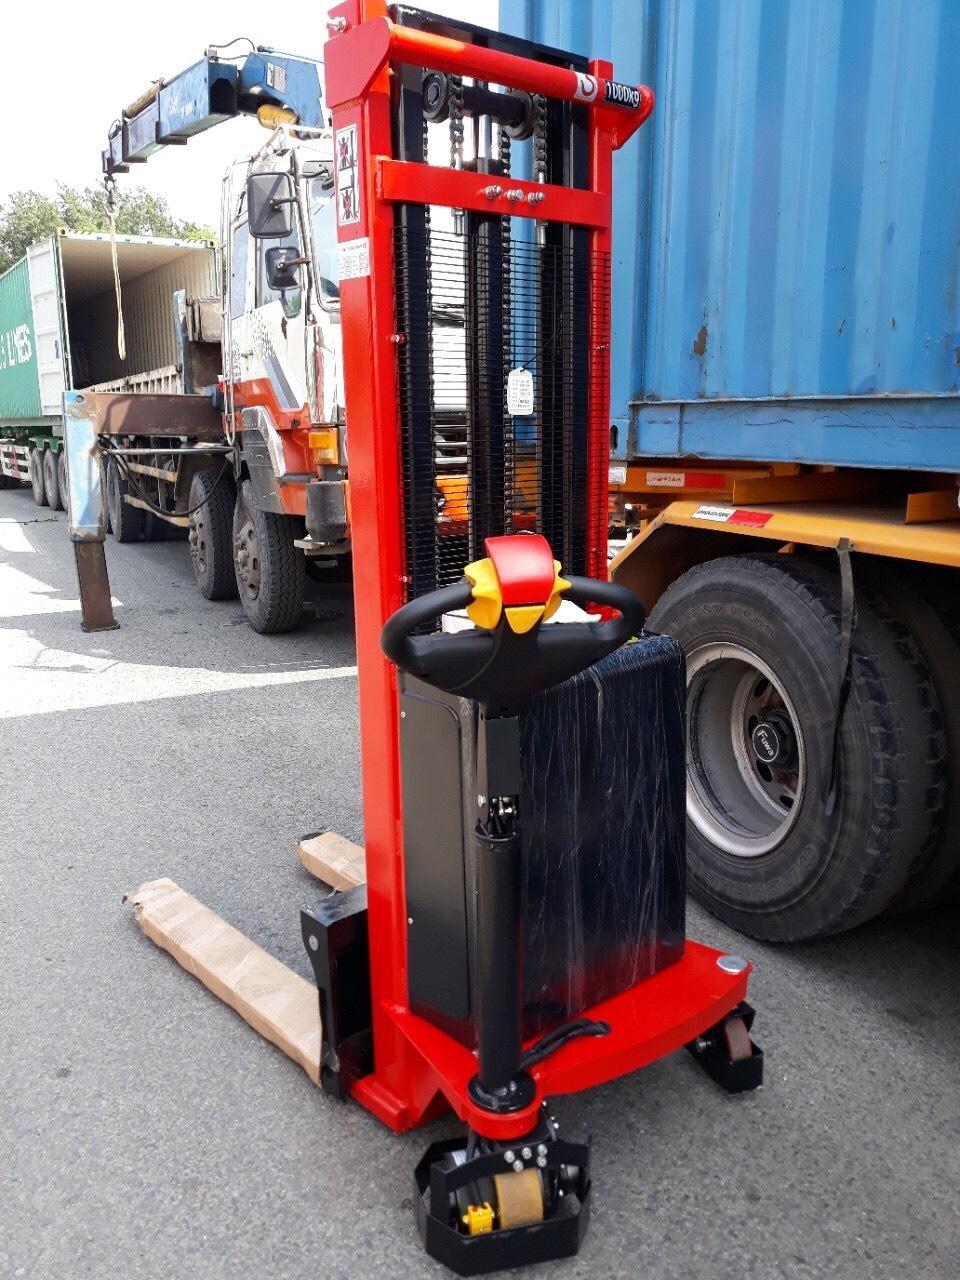 Xe nâng bán tự động 1 tấn nâng cao 1,6 mét